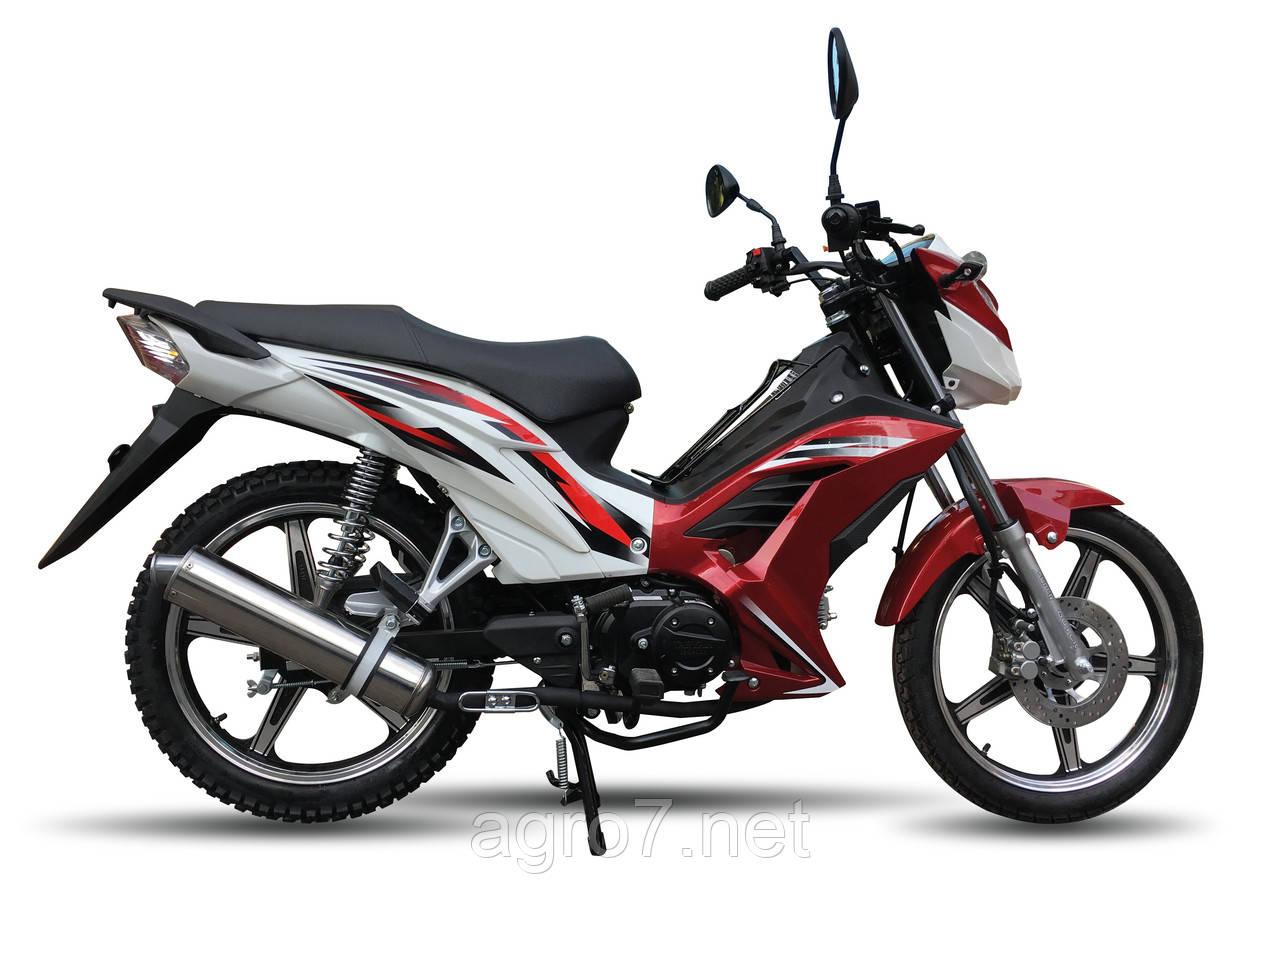 Мотоцикл с доставкой Spark SP125С-3WQ (Актив)